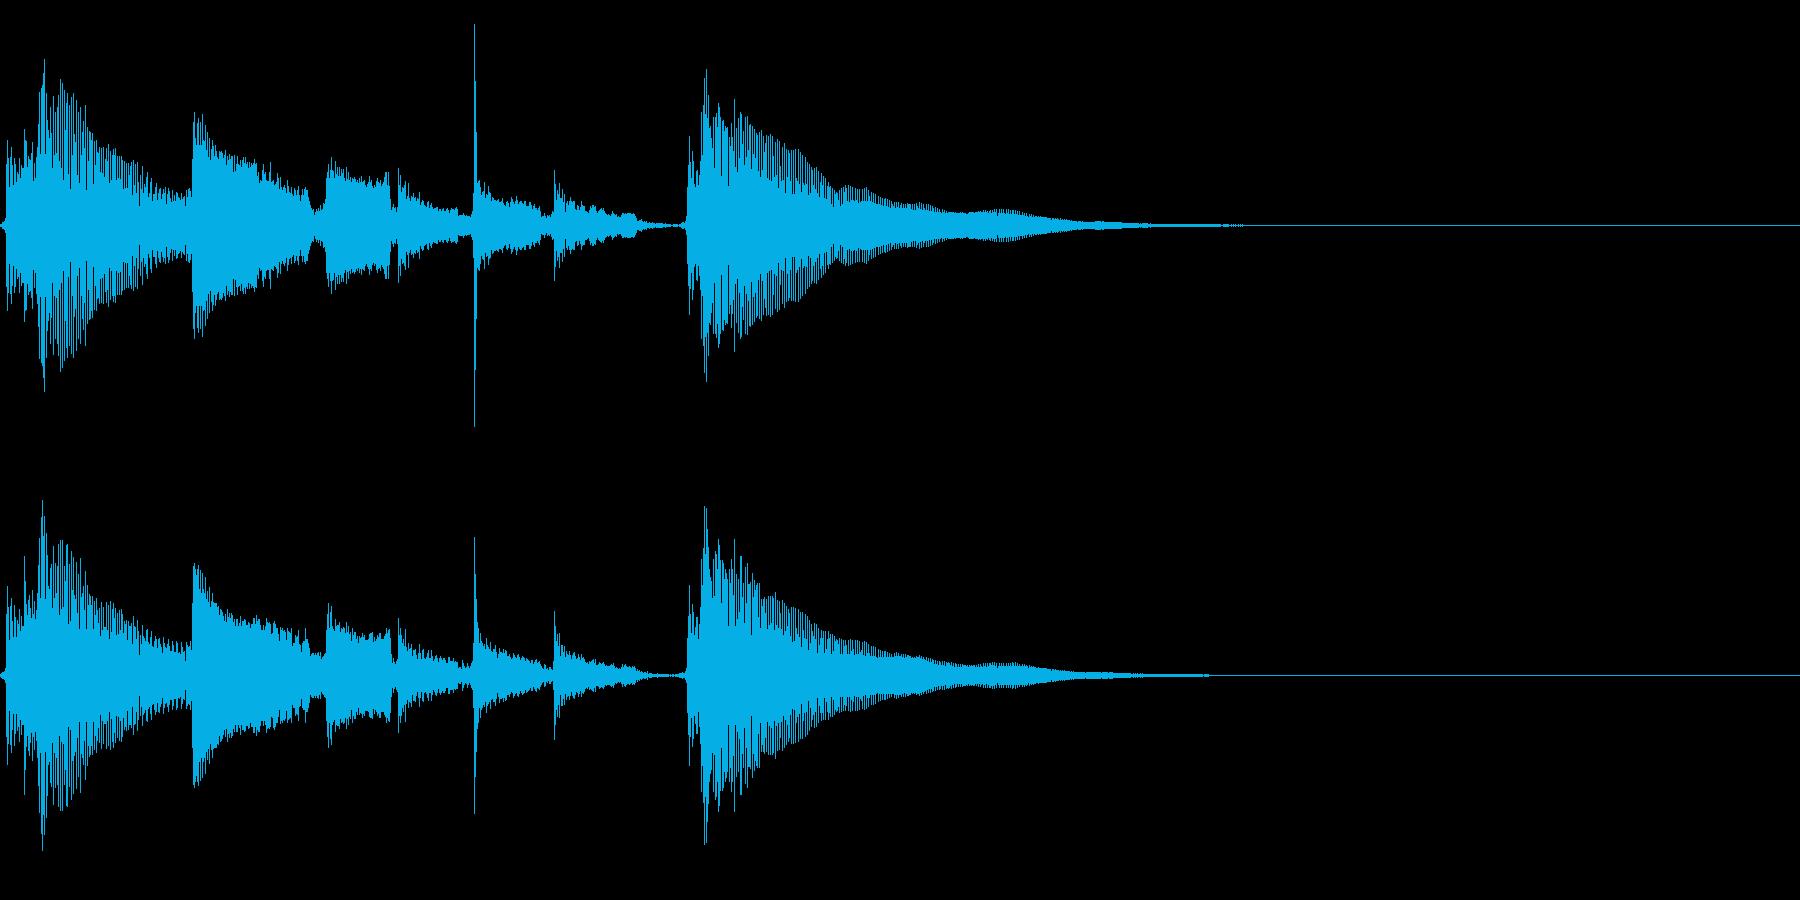 アコギ生音のジングル/爽やか5の再生済みの波形